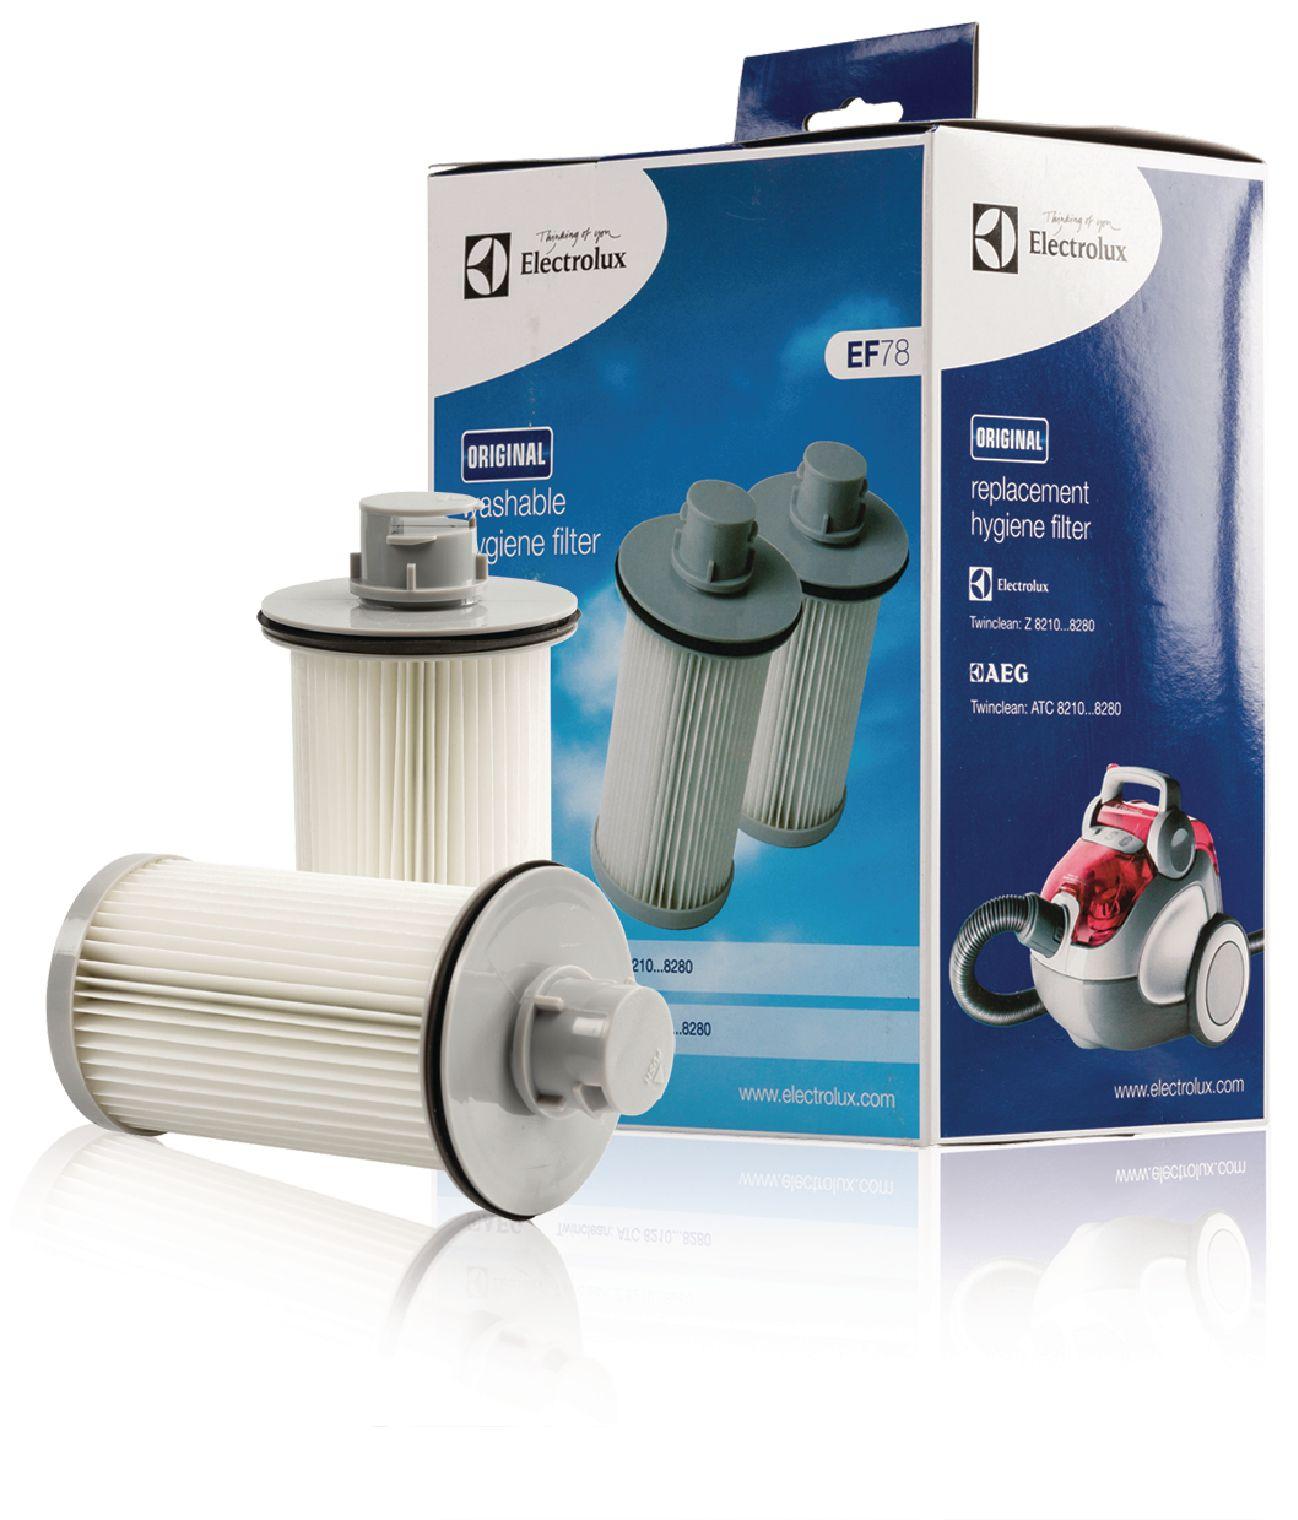 HEPA filtr pro vysavače AEG, Electrolux, 2ks Electrolux EF78